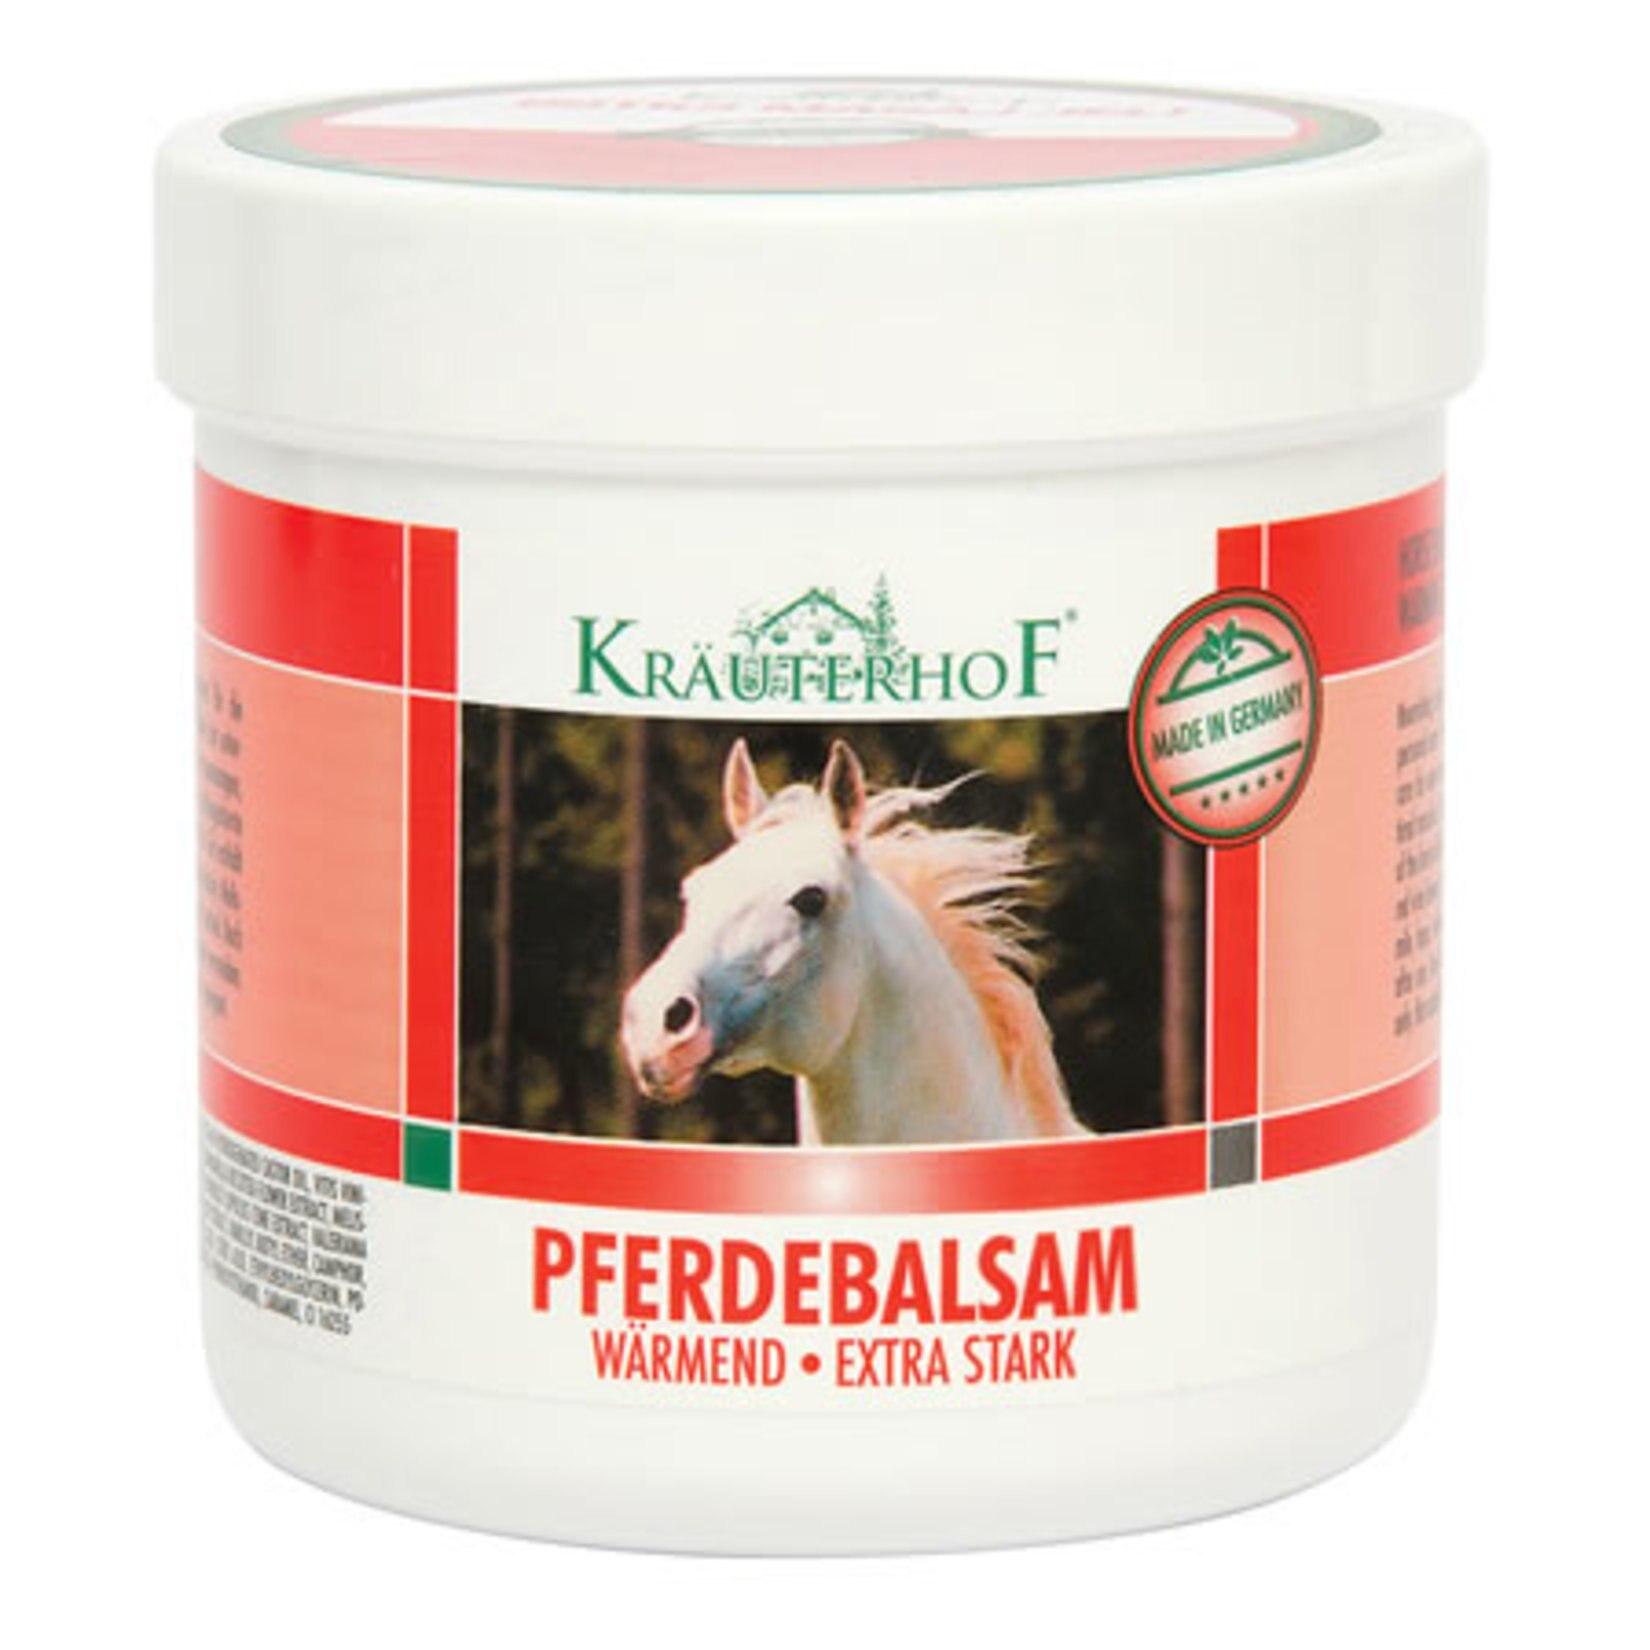 Krauterhof Pferdebalsam Warmend Extra Stark Warming Massage Gel Horse Chestnut Balm 250 Ml